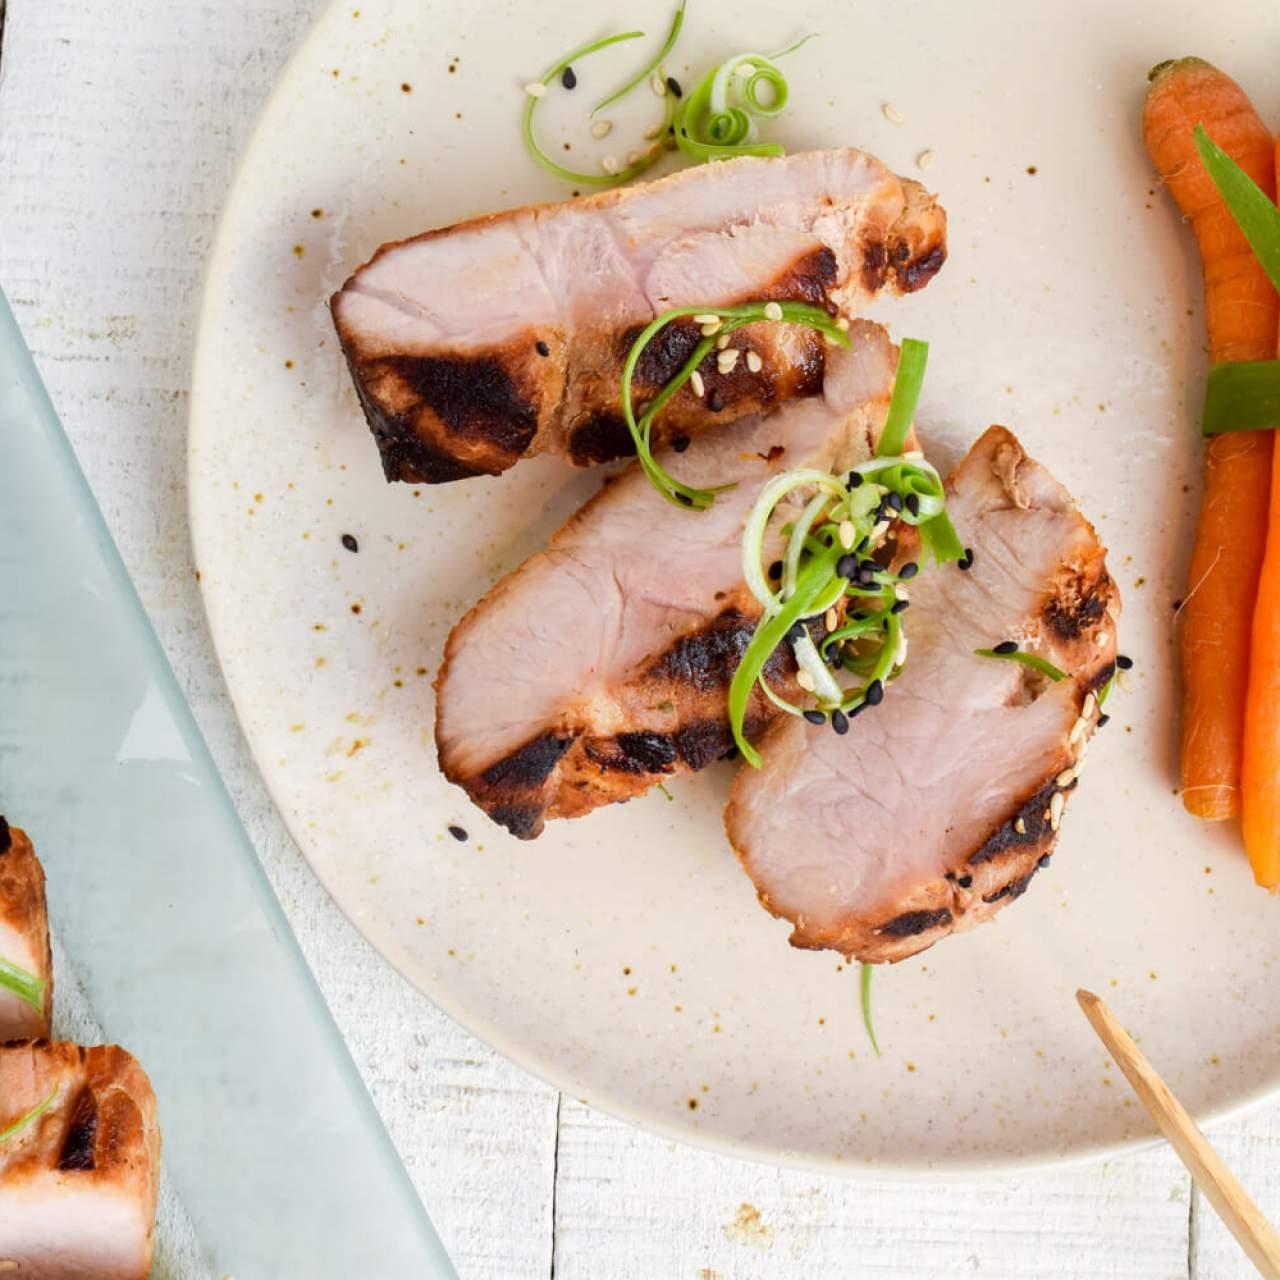 Grilled Asian Pork Tenderloin - Slender